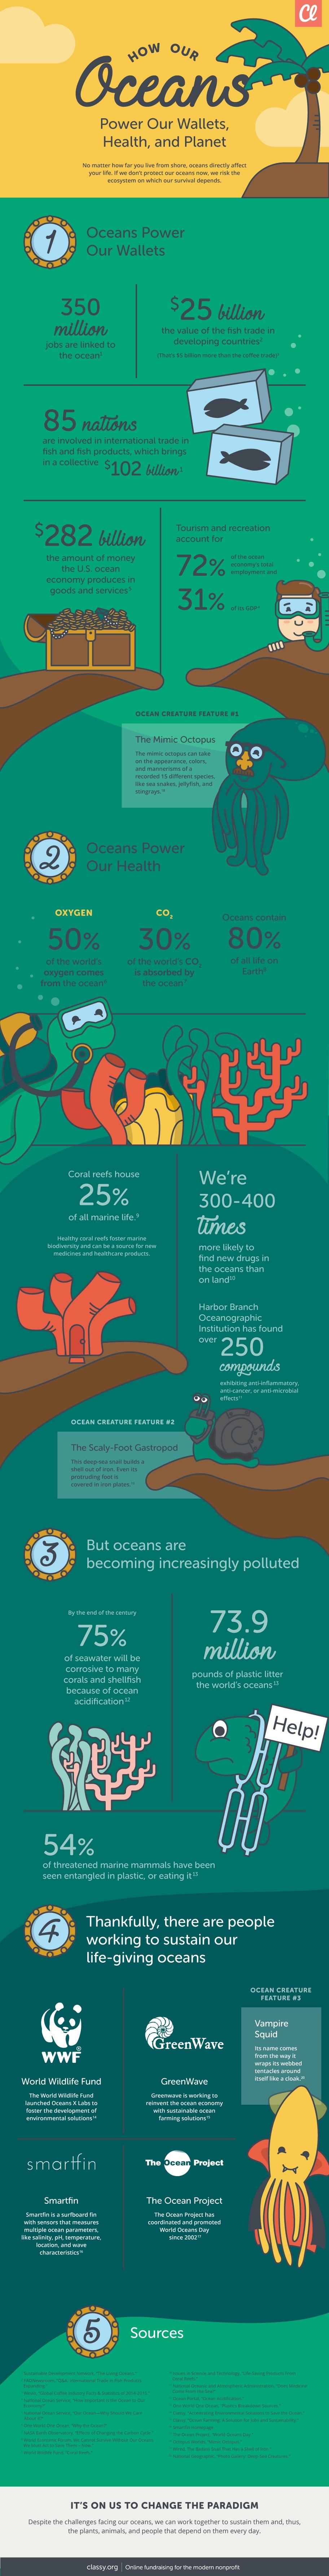 ocean nonprofits infographic